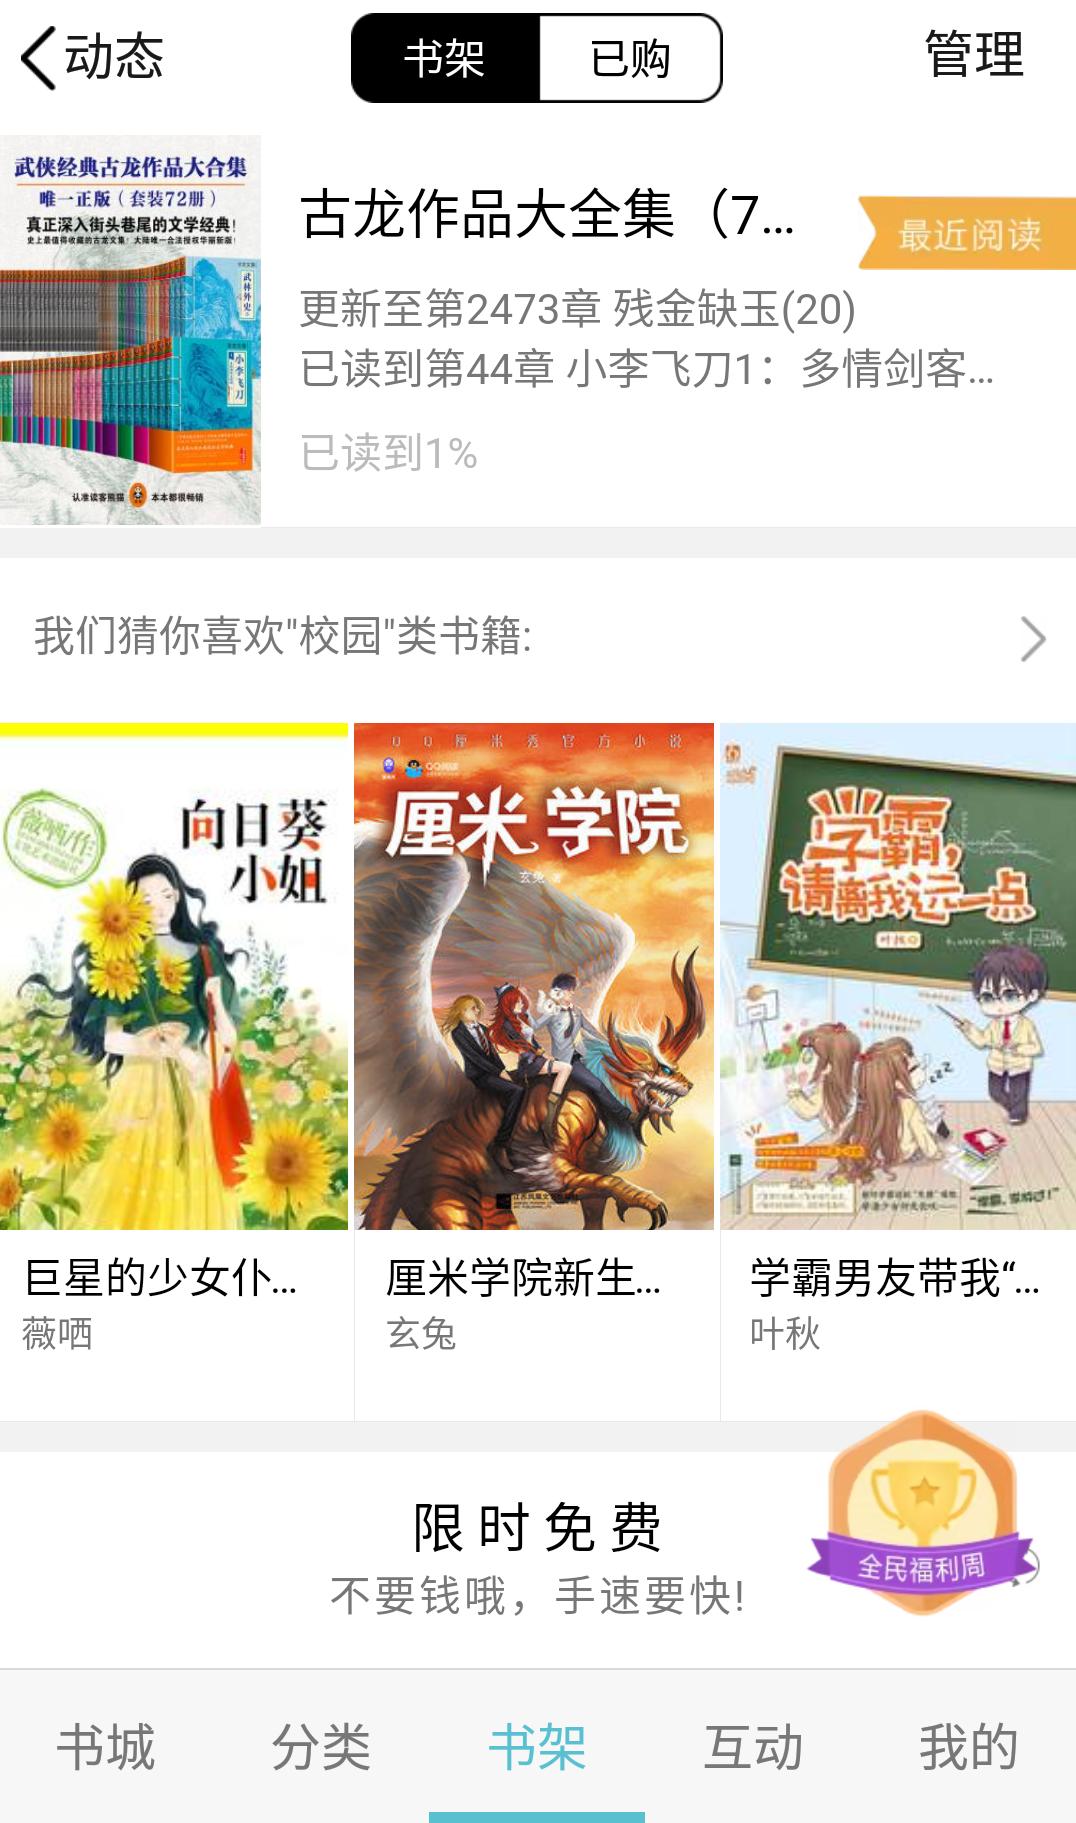 QQ阅读书架